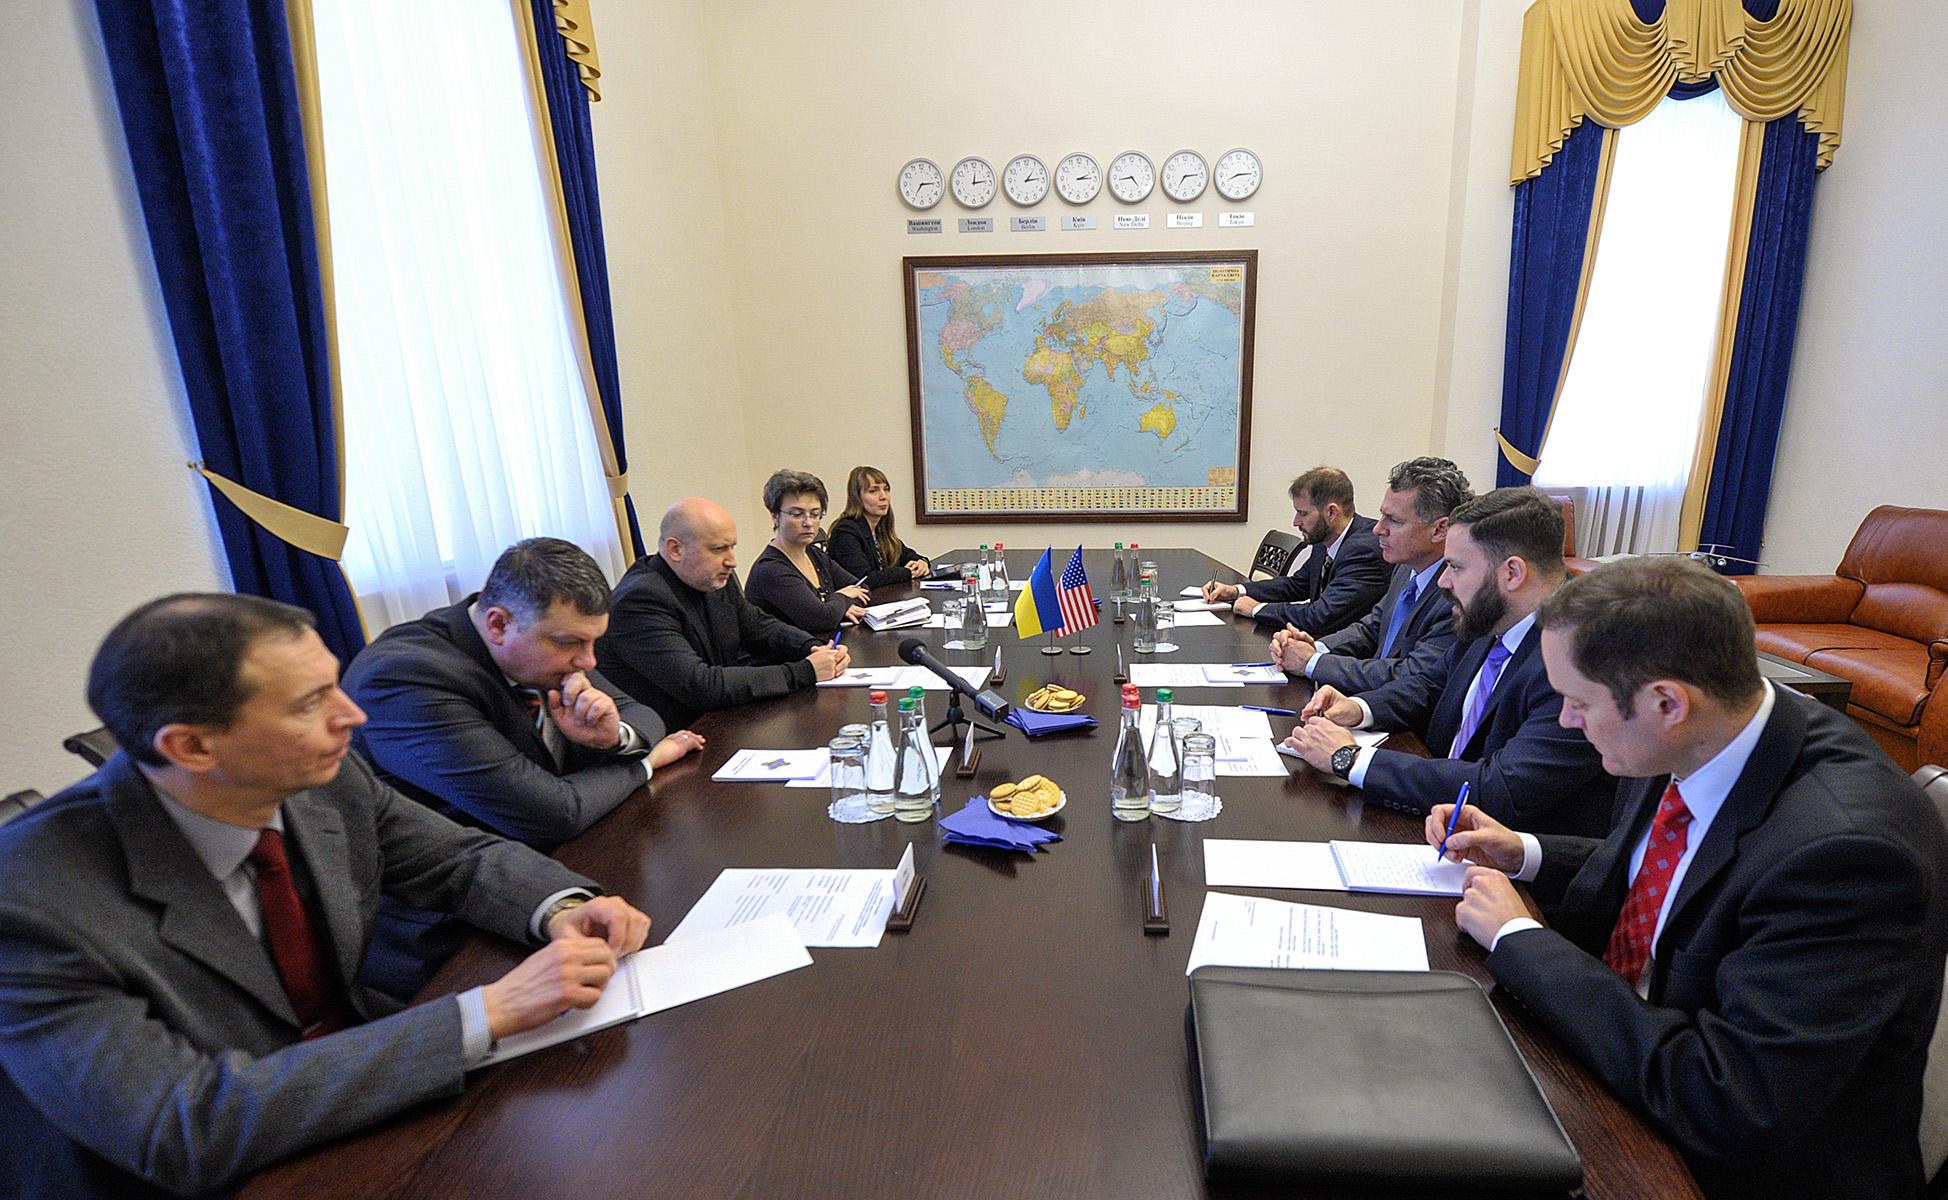 Олександр Турчинов провів зустріч з Тимчасовим повіреним у справах США при ОБСЄ Г. Каміаном (відео)